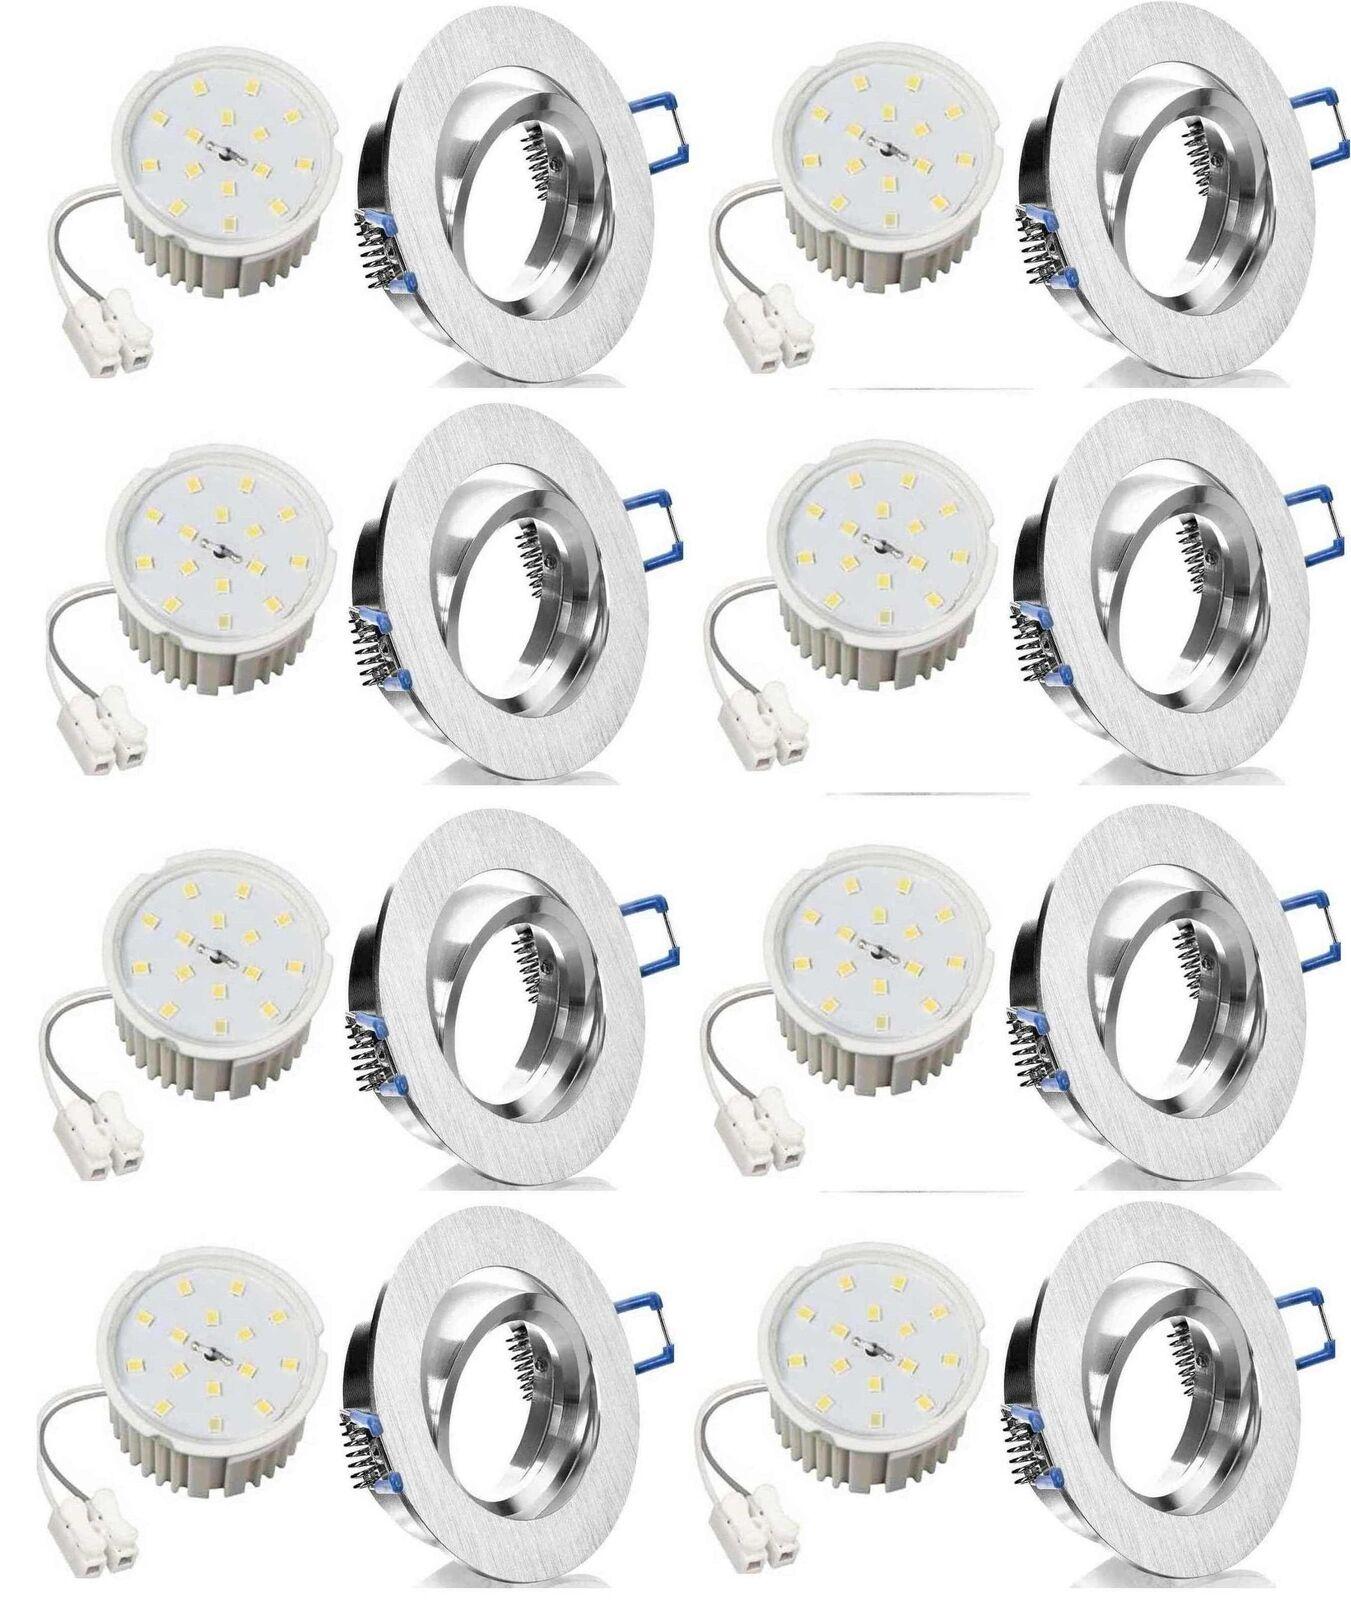 8xFlacher Led Einbaustrahler Alu gebürstet+Flat Led 7W ww 120° Einbautiefe 45mm